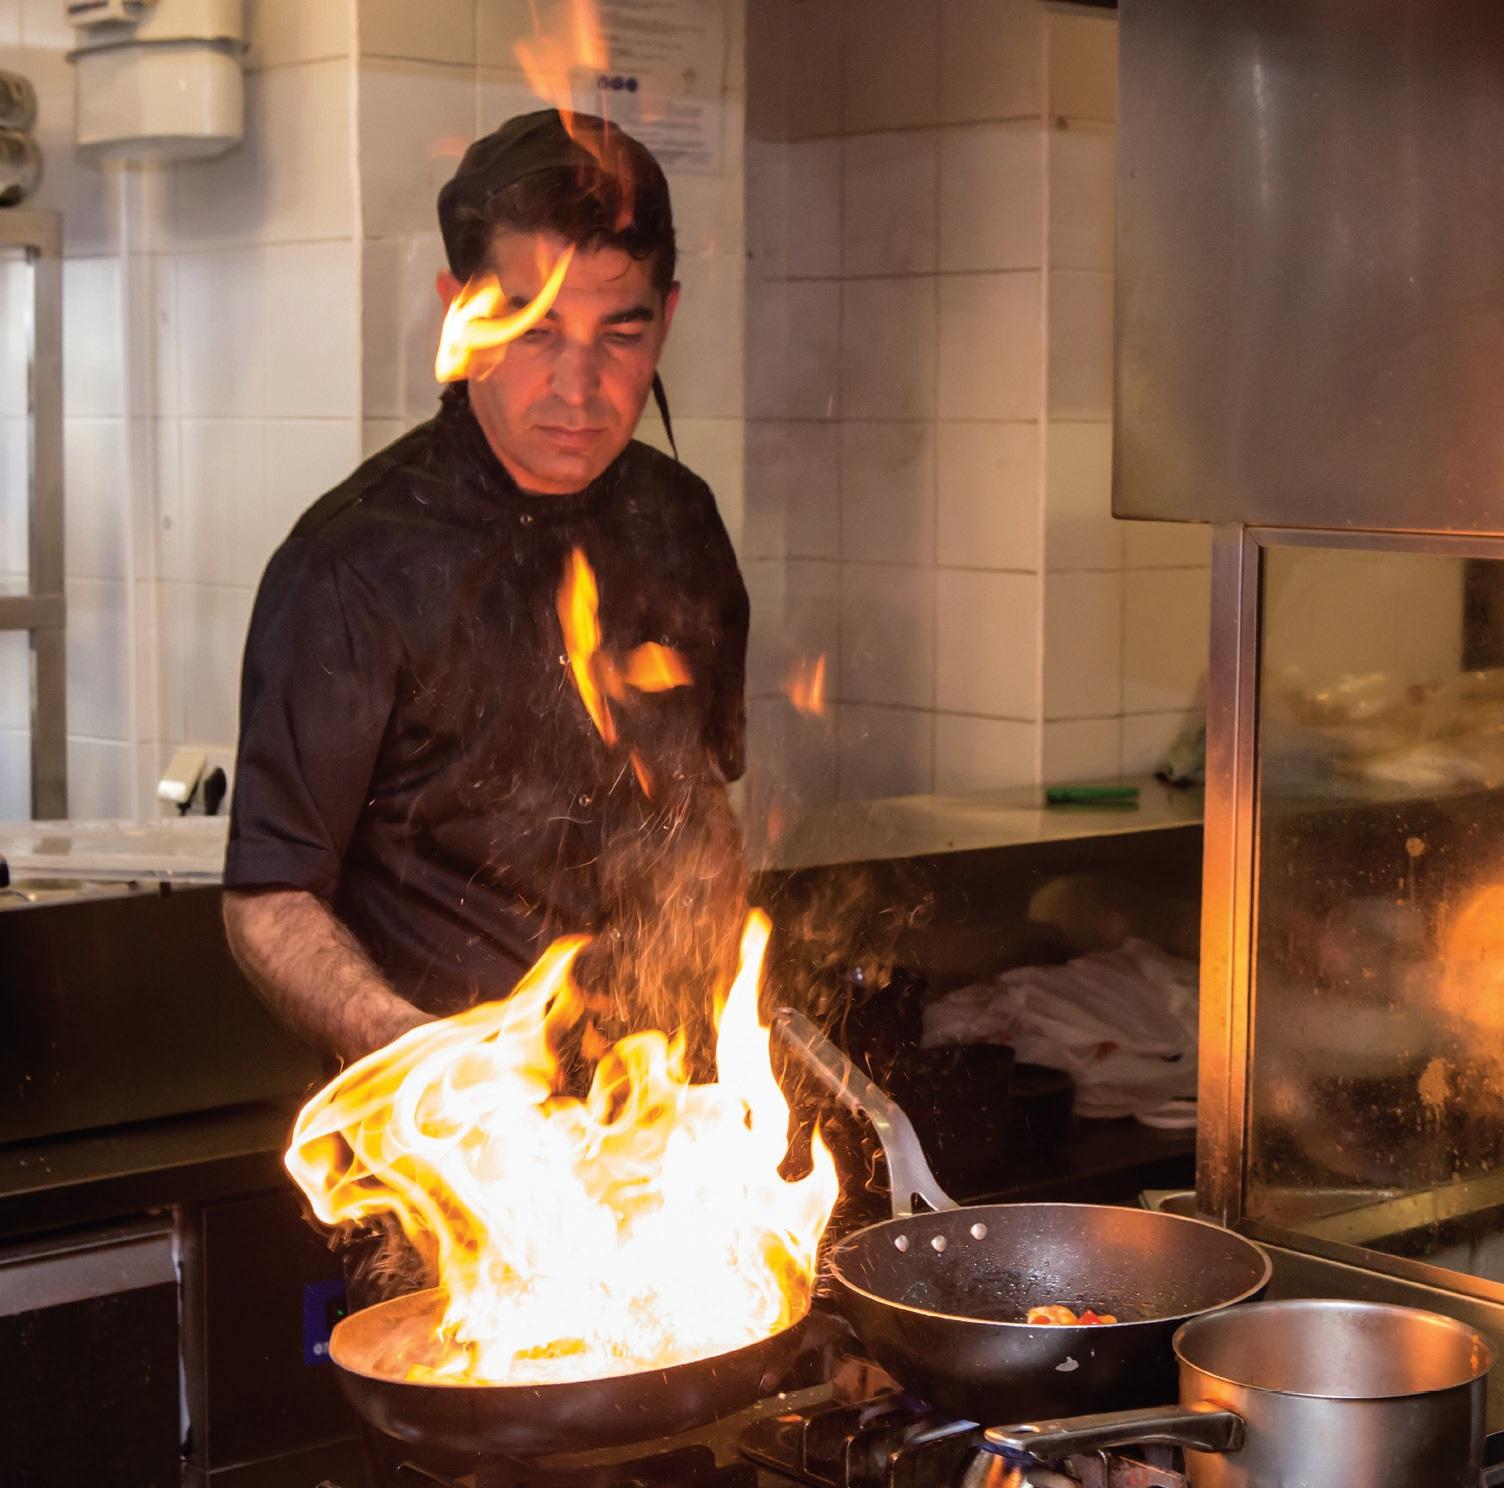 Virtuvės šefo Michaelio Yilmazo ugnies burtai restorano virtuvėje